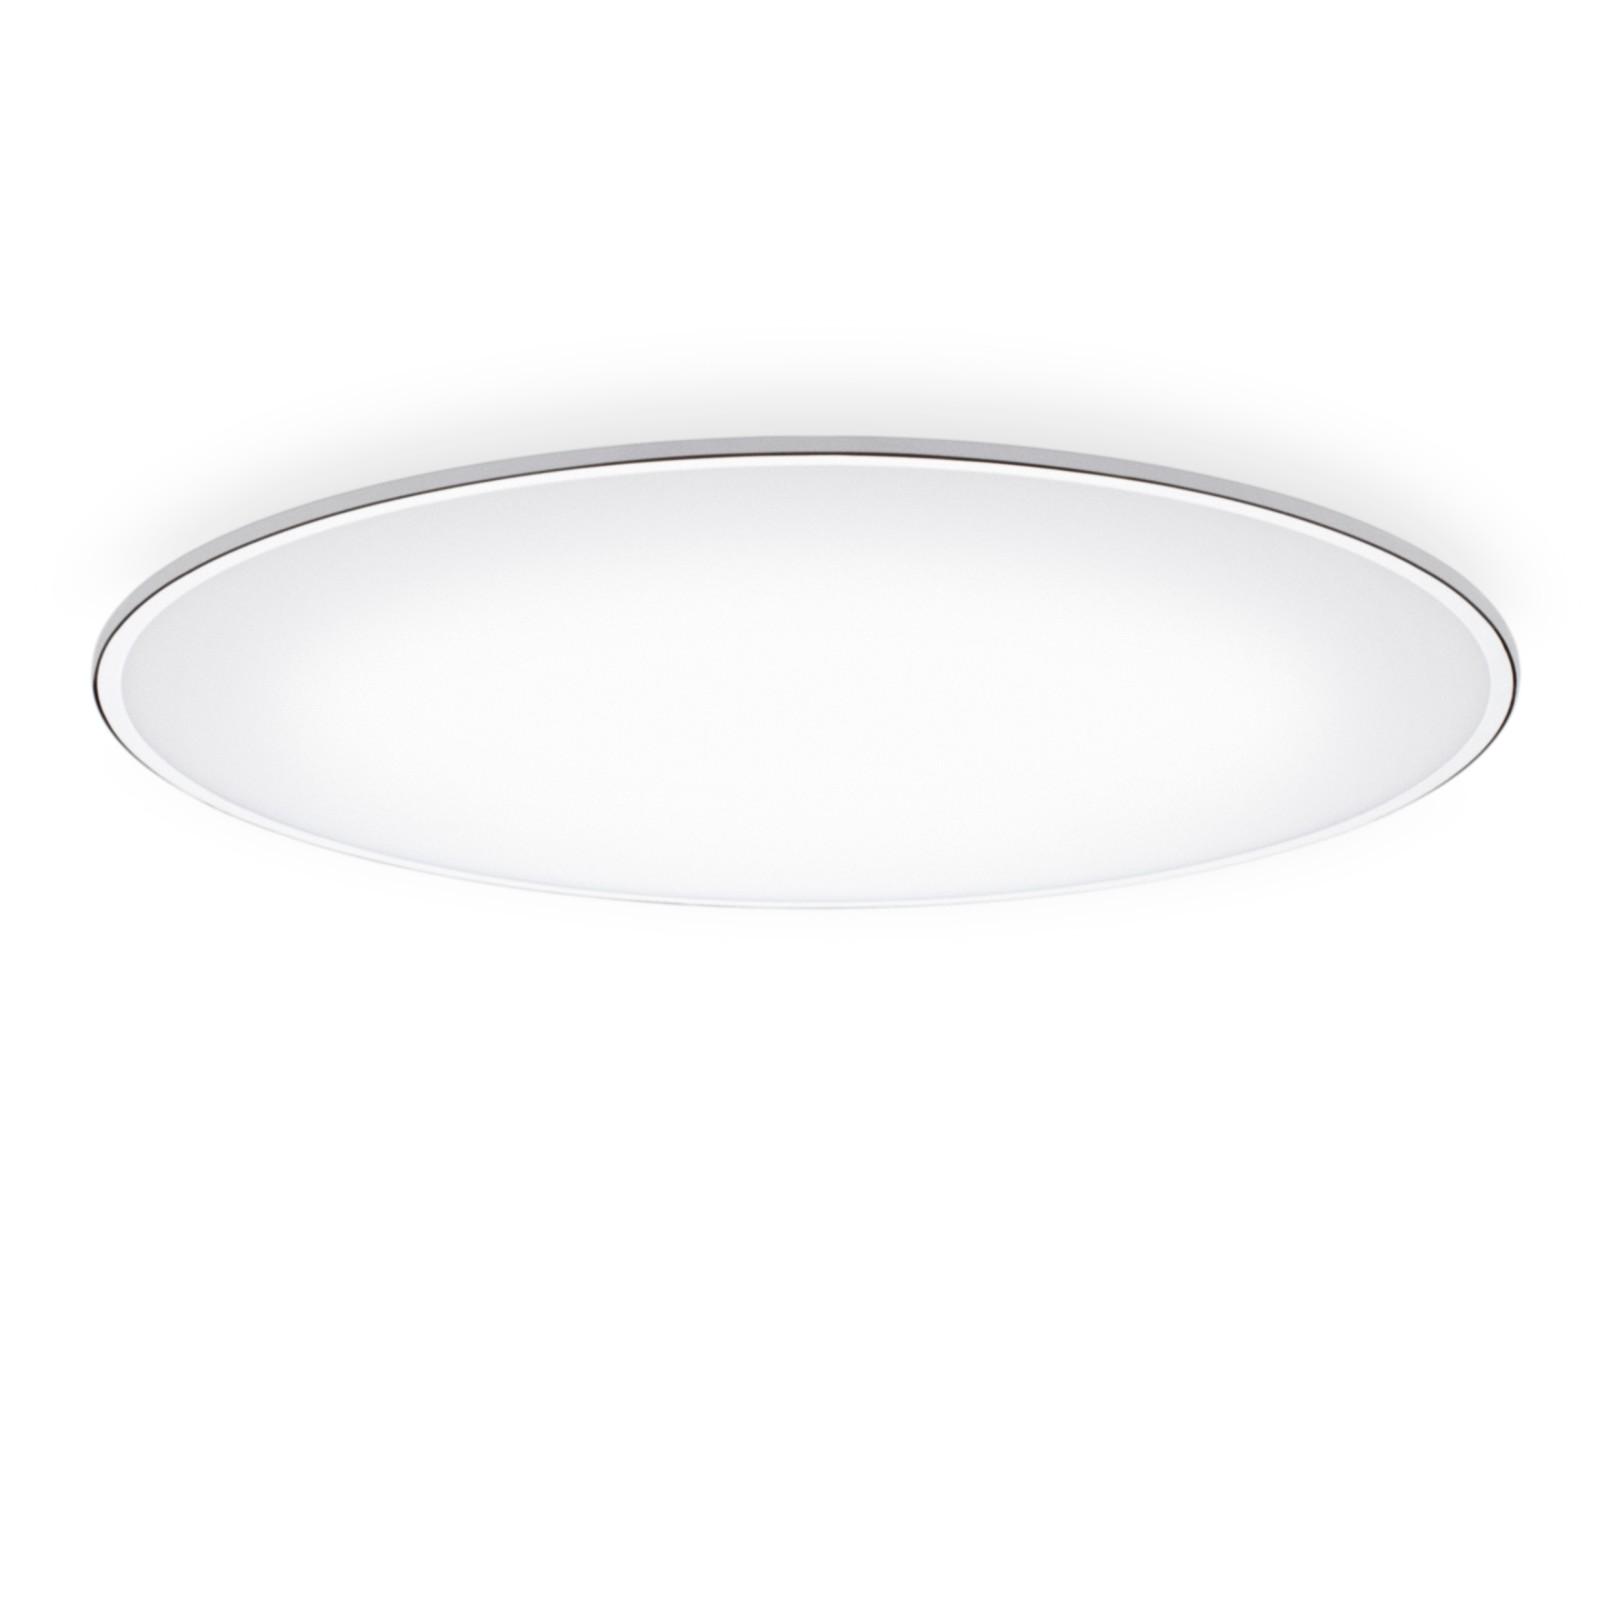 Big Ceiling Light - LED Chrome, 120cm, 3000